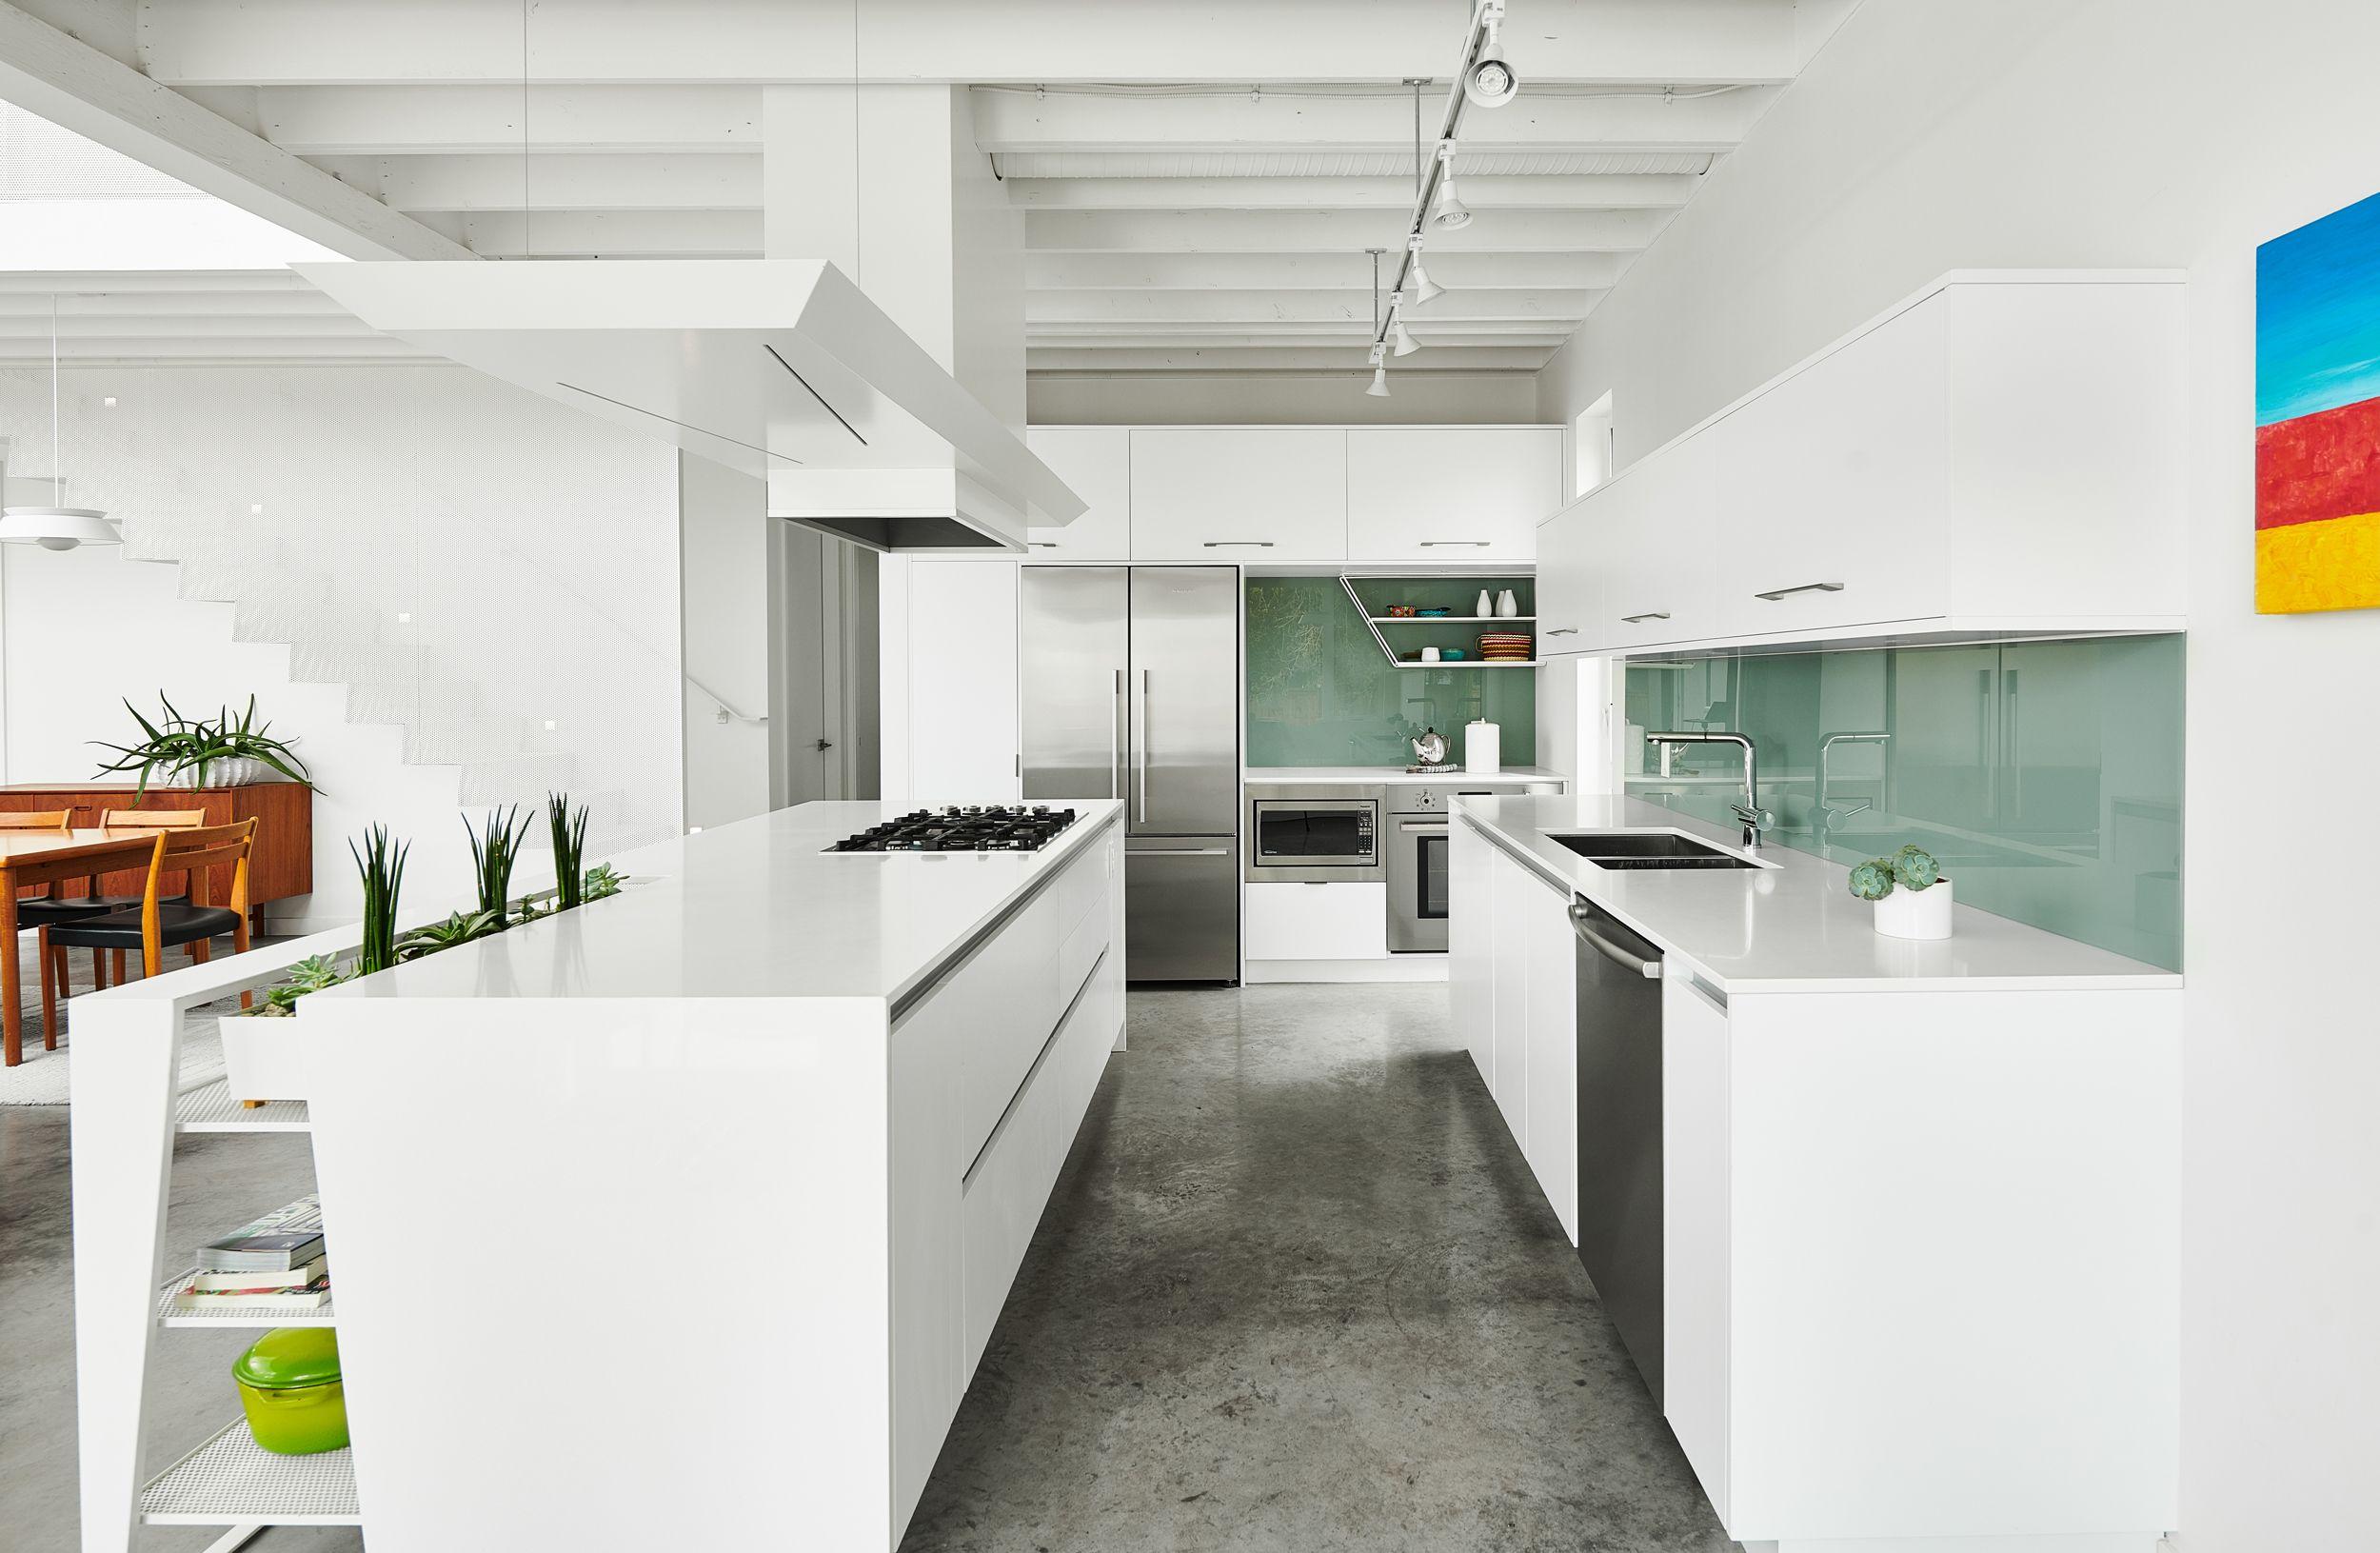 Dunsmuir_Kitchen2.jpg